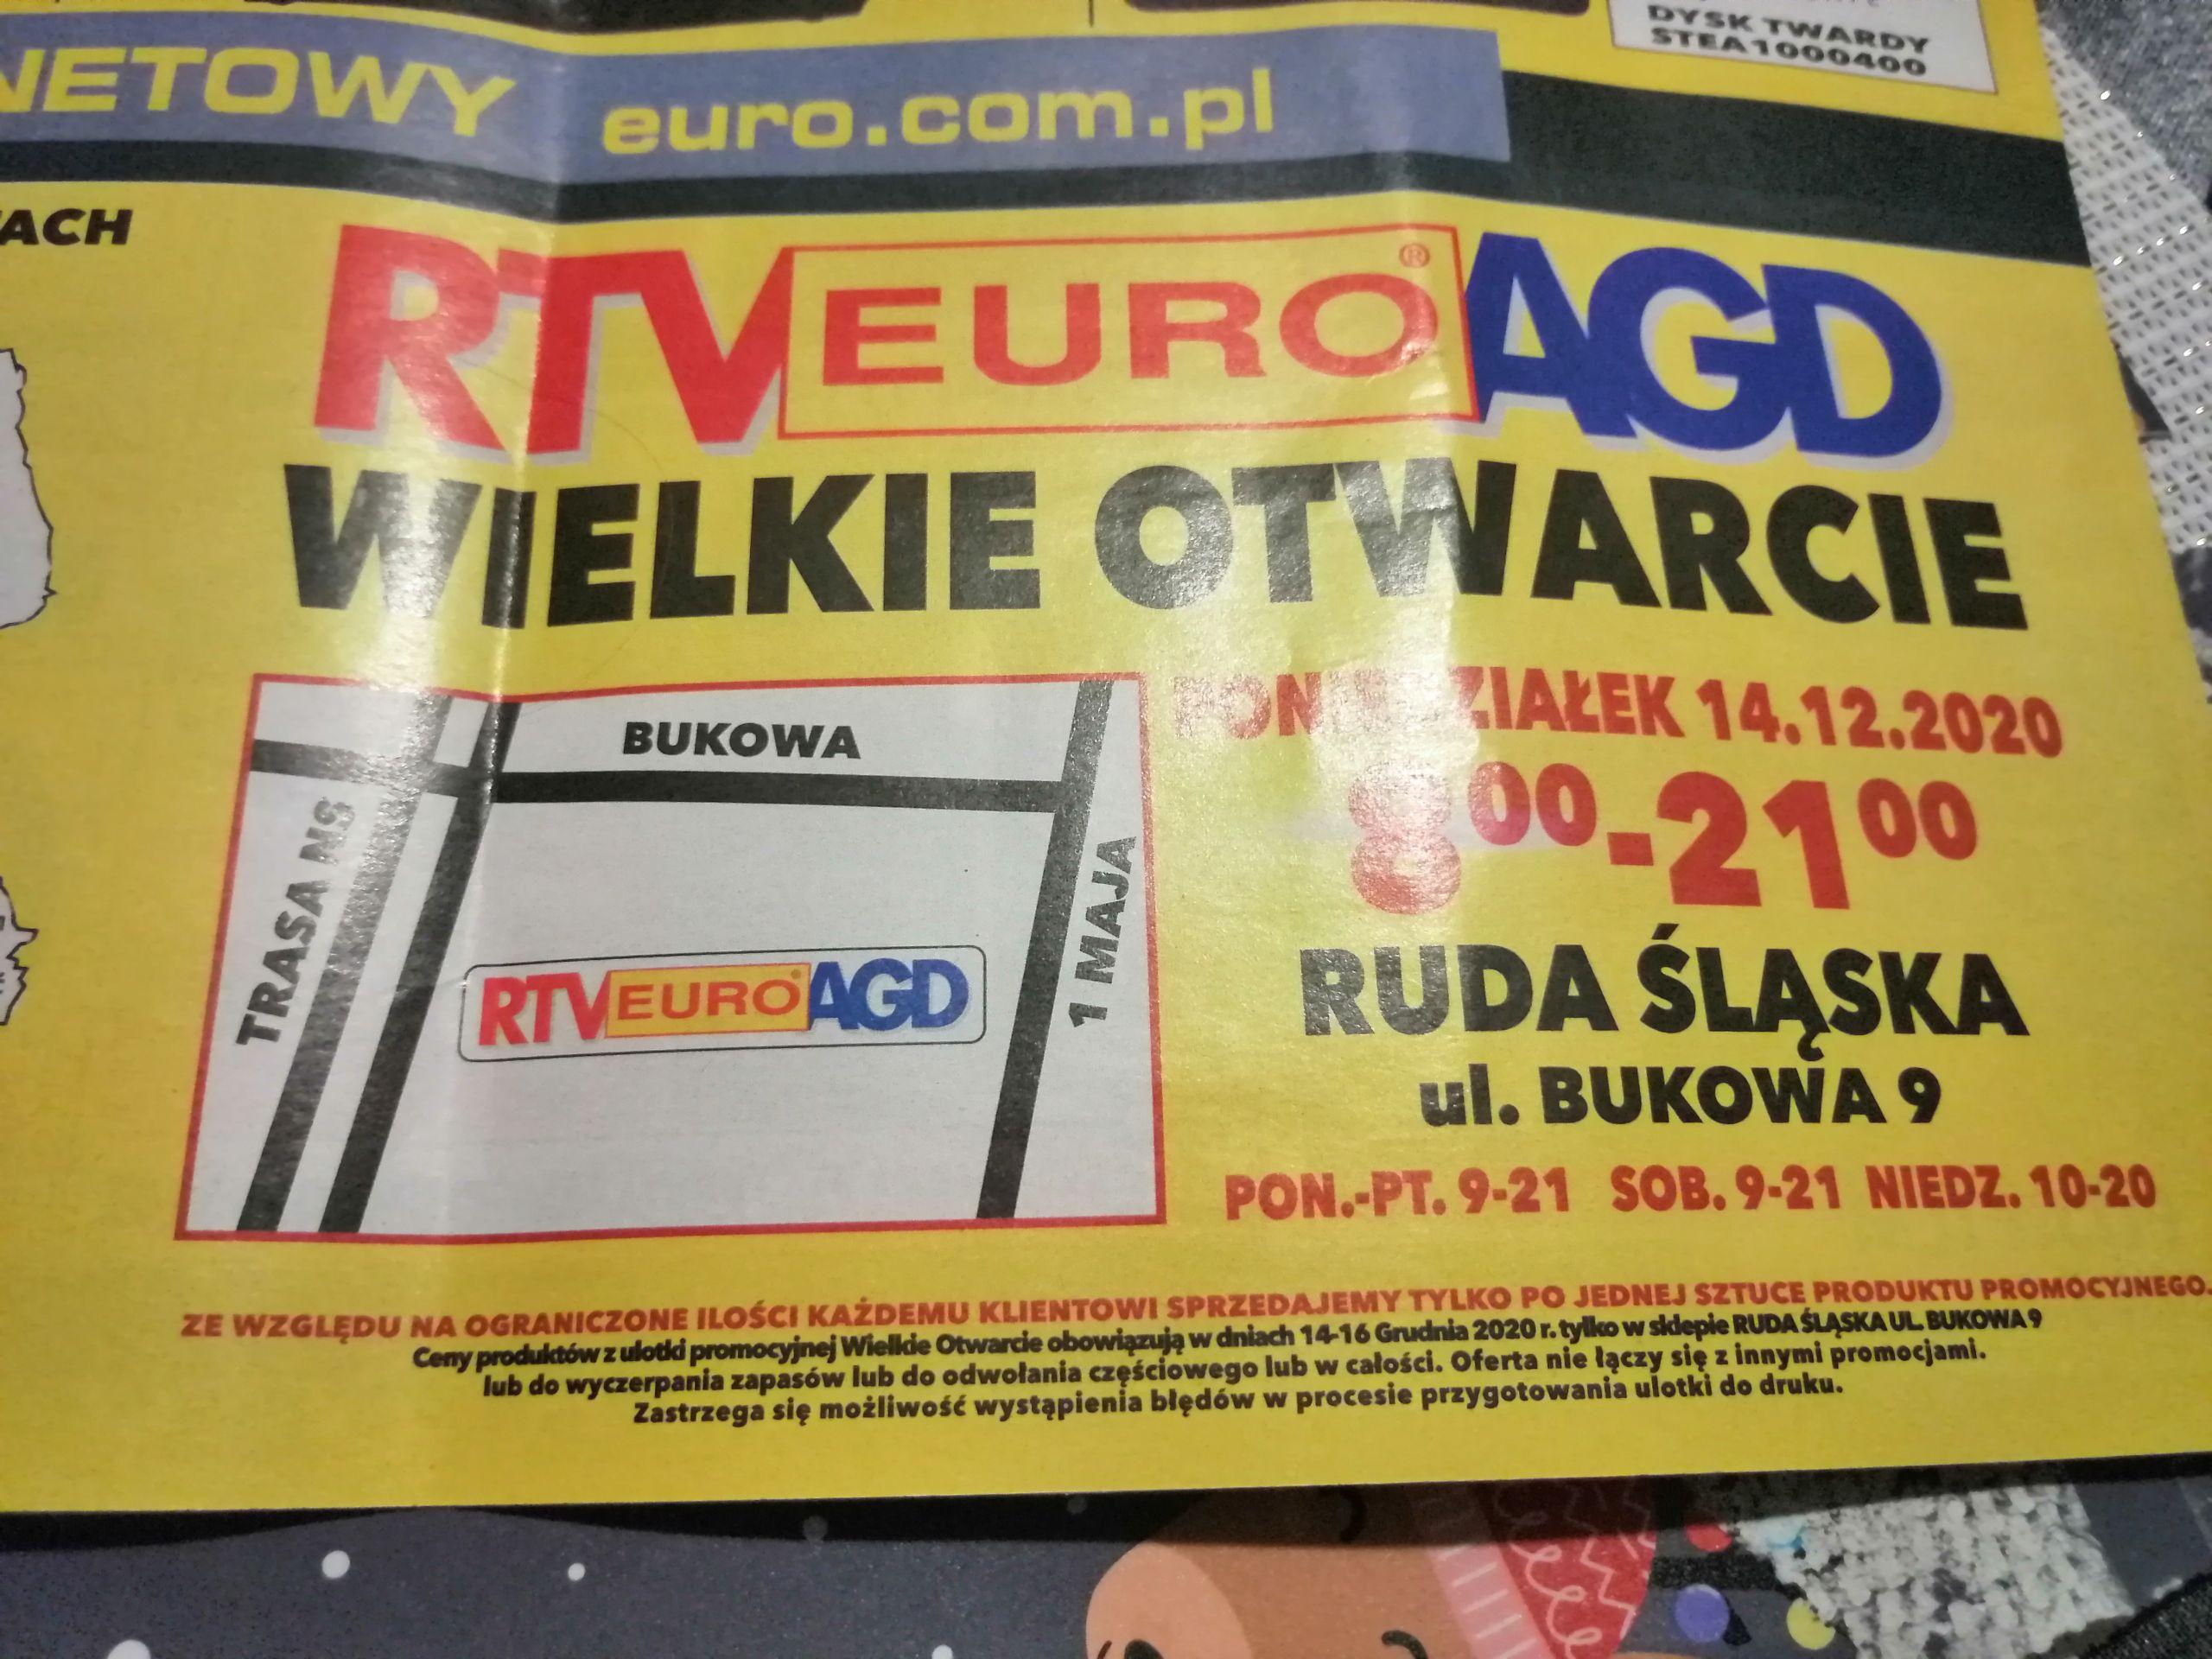 Rtv euro agd otwarcie Ruda Śląska ul. Bukowa 9 promocje do 16.12